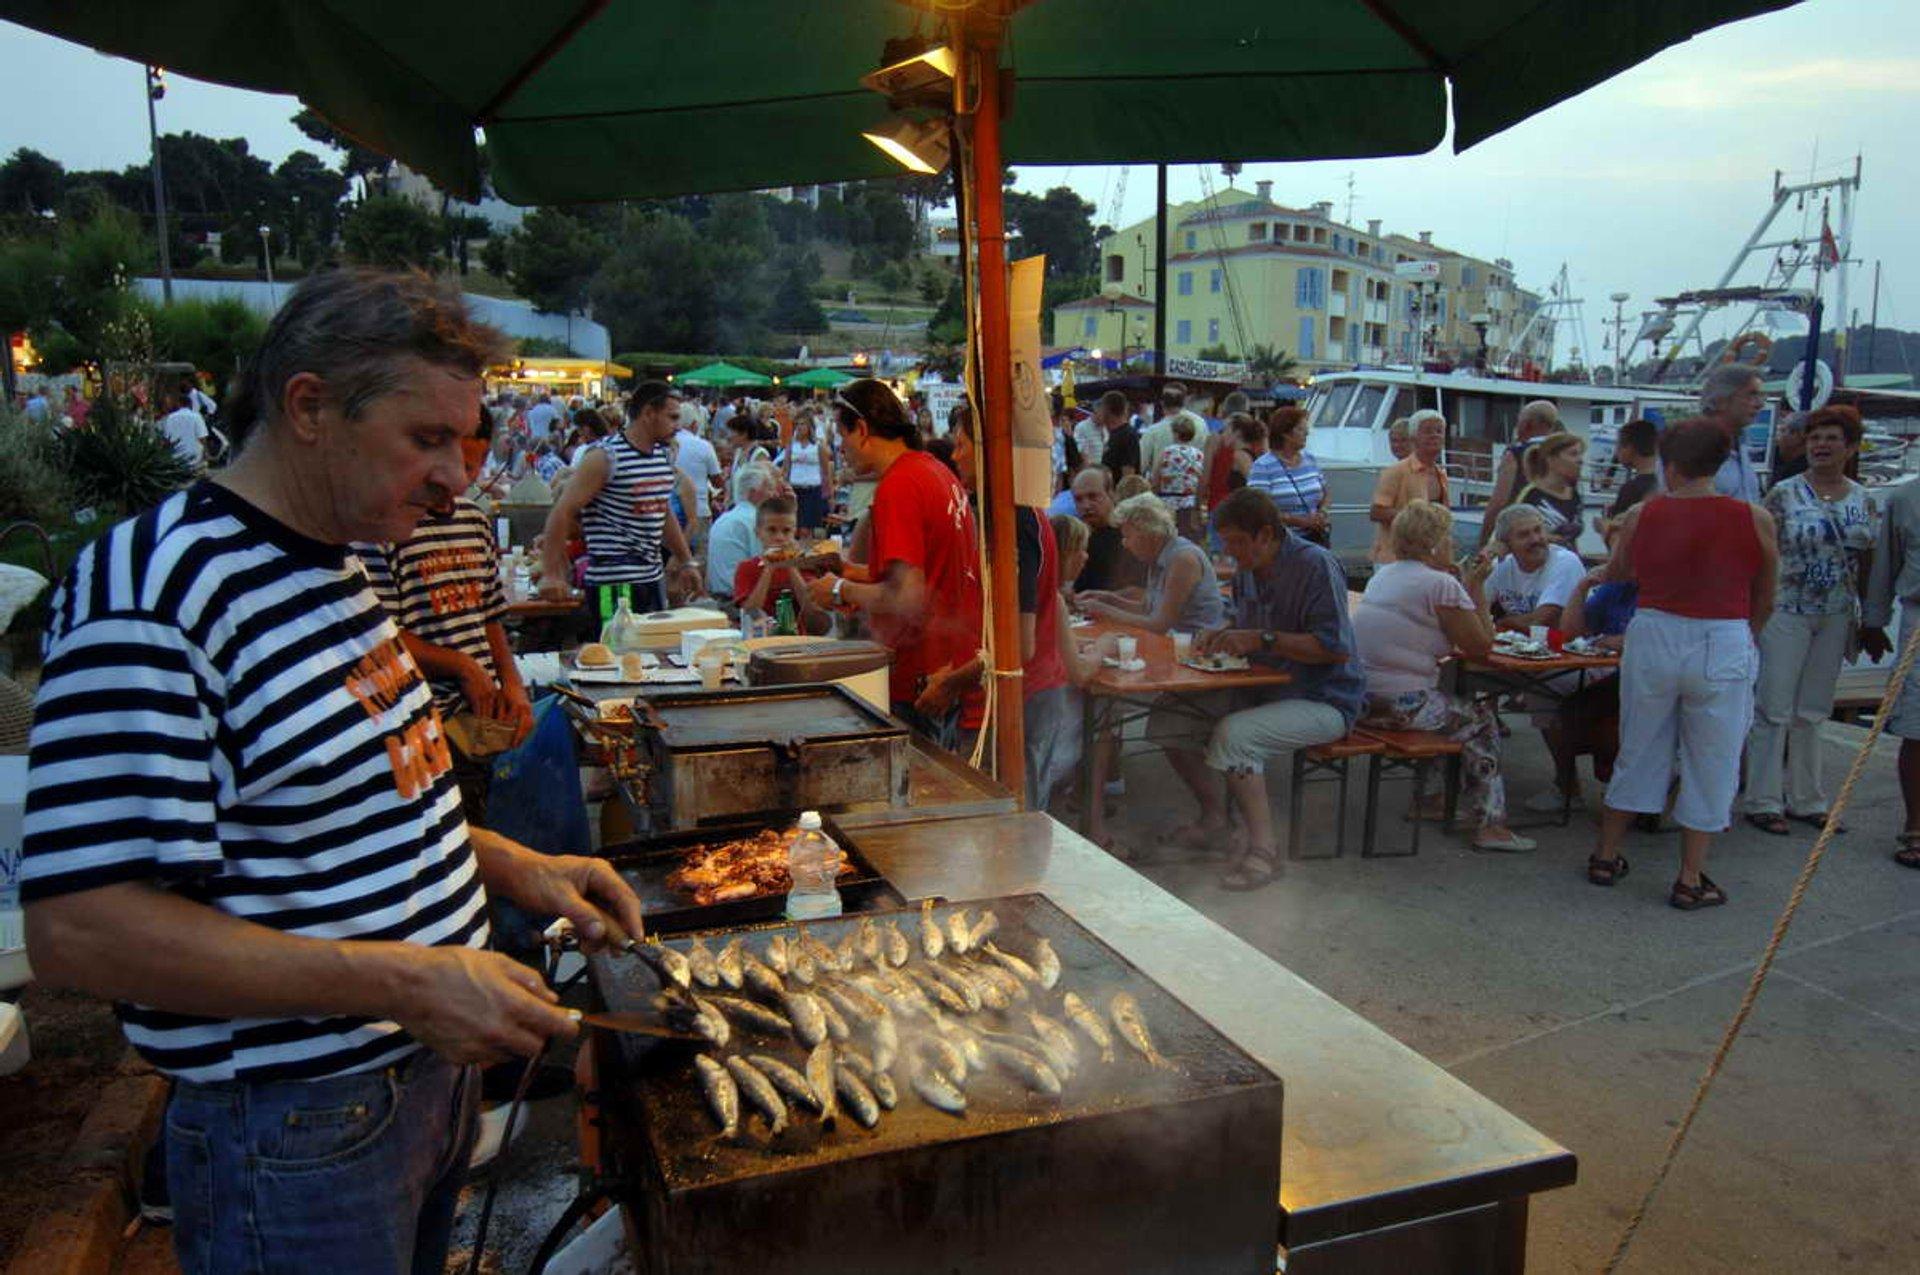 Ribarska Festa in Croatia 2020 - Best Time